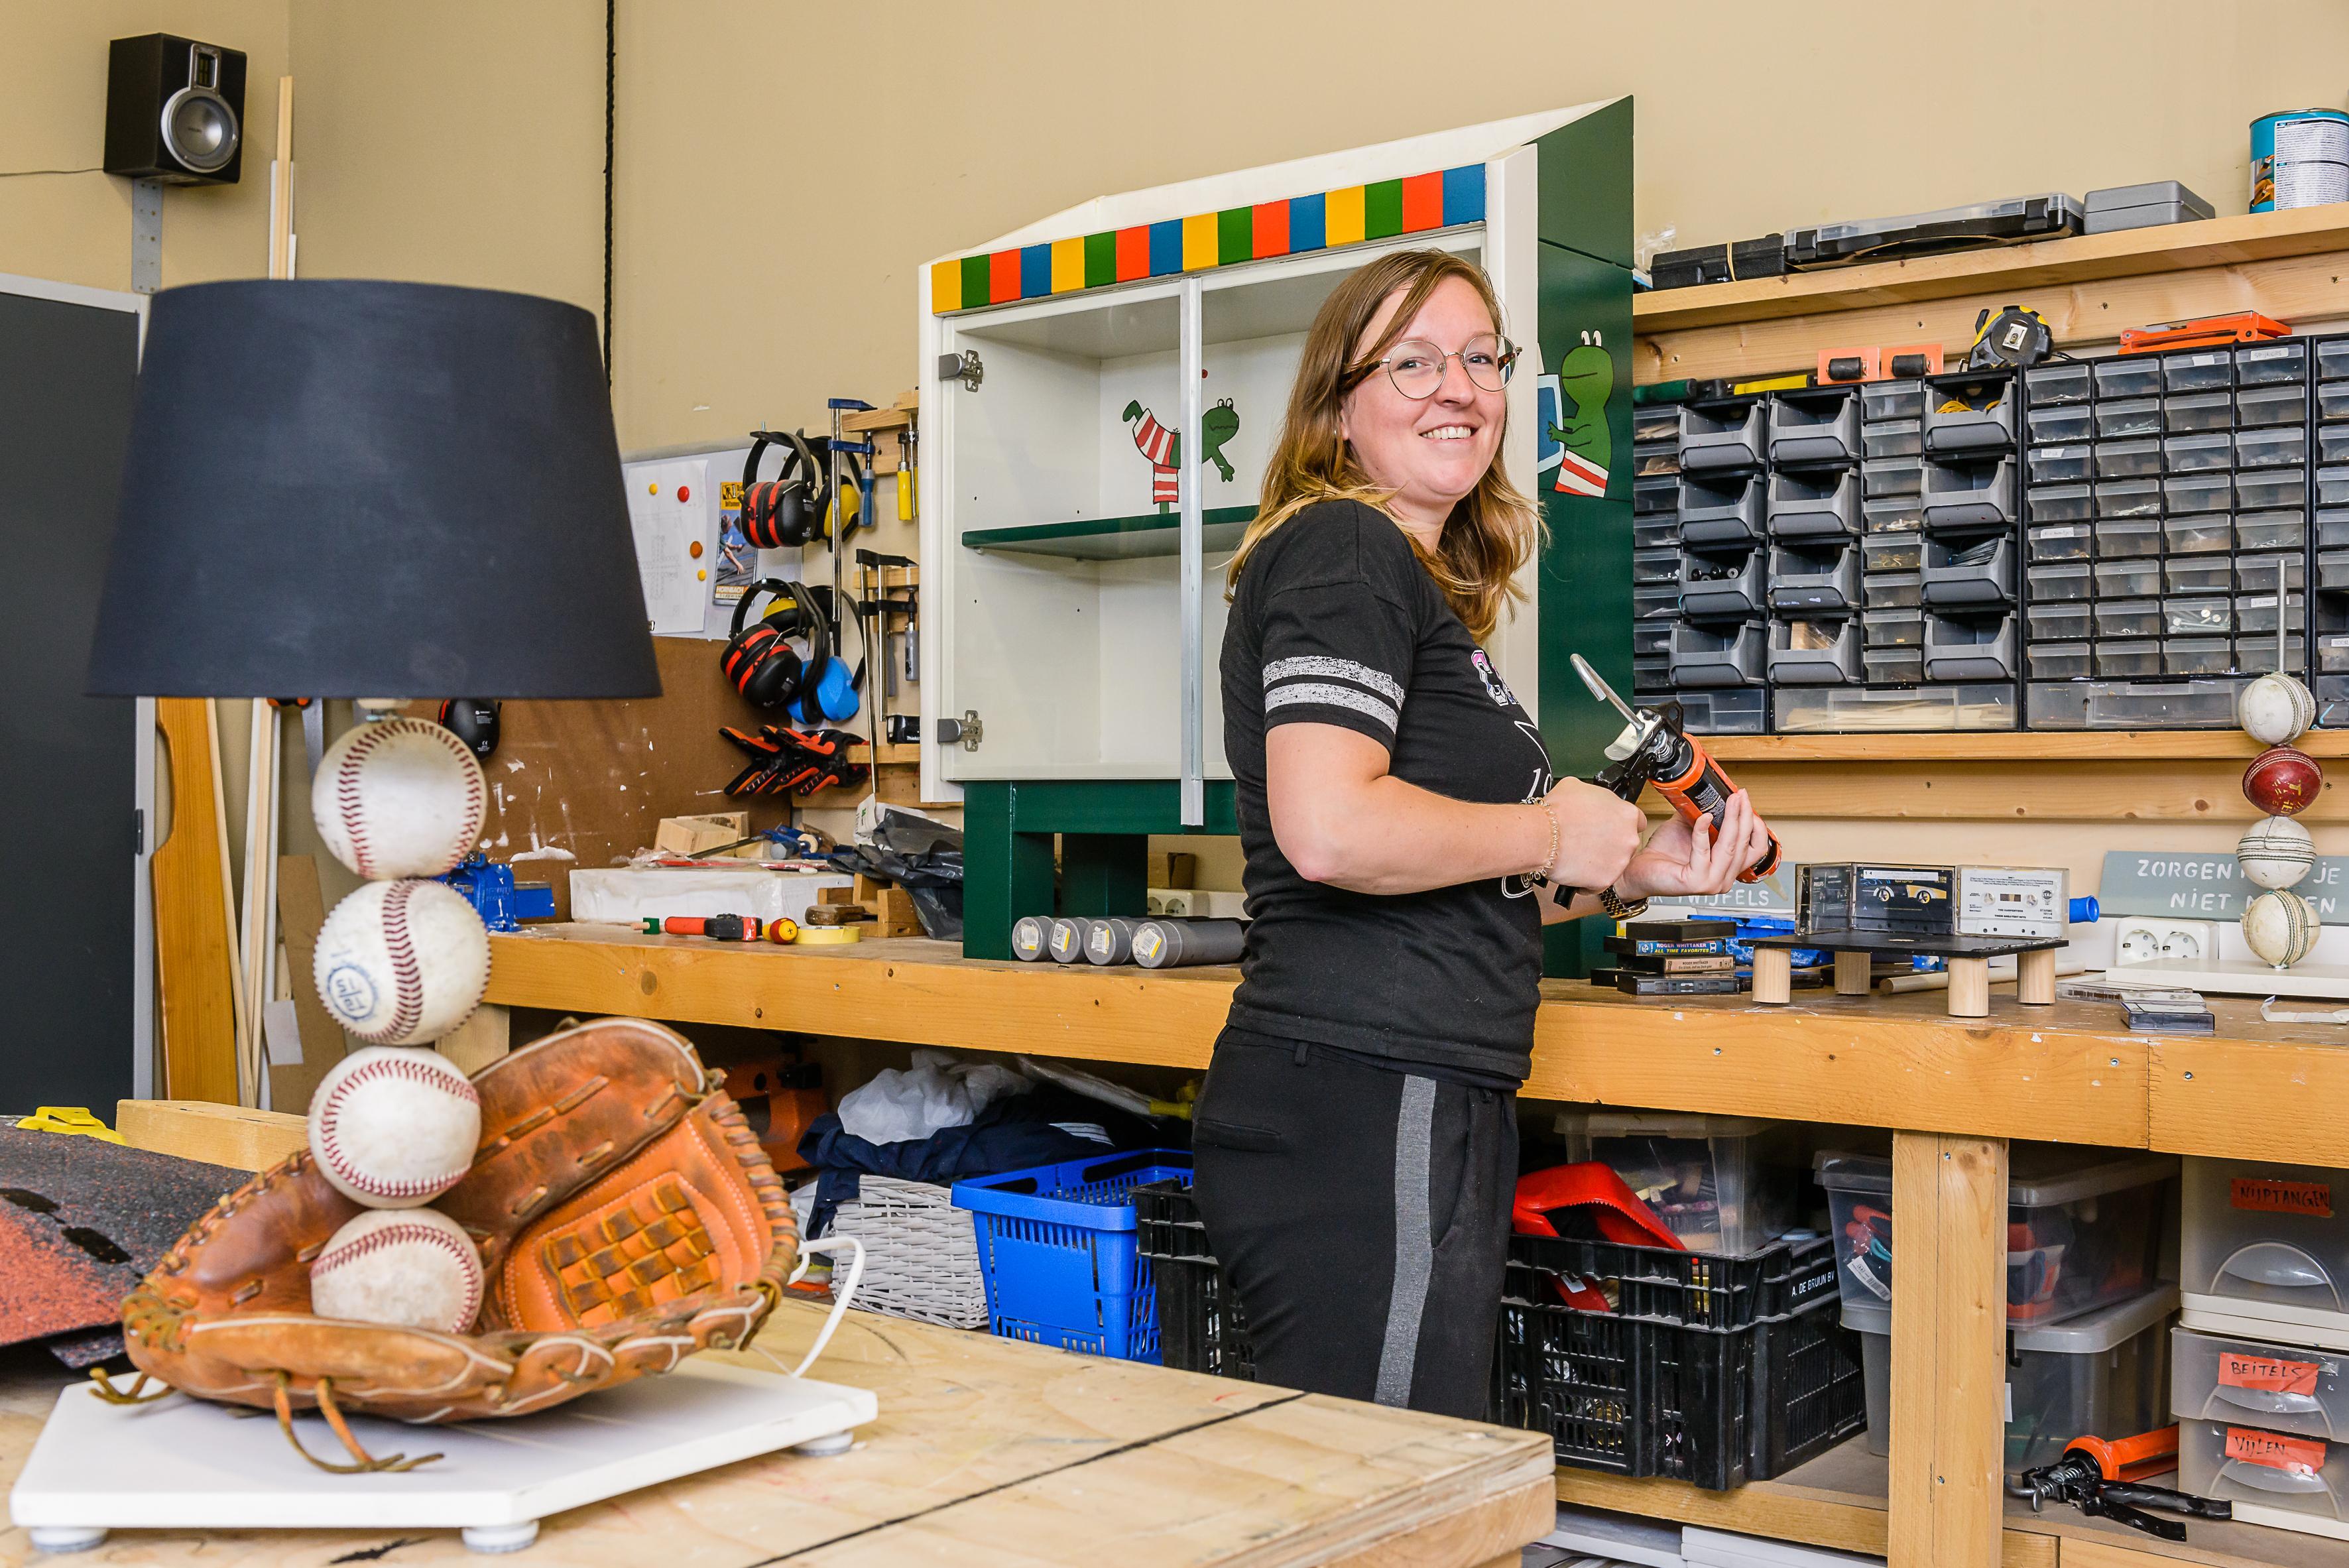 Blingbling hobbelpaard of een honkballamp: Leviaan maakt kunst van kringloop-spullen bij Noppes in Zaandam